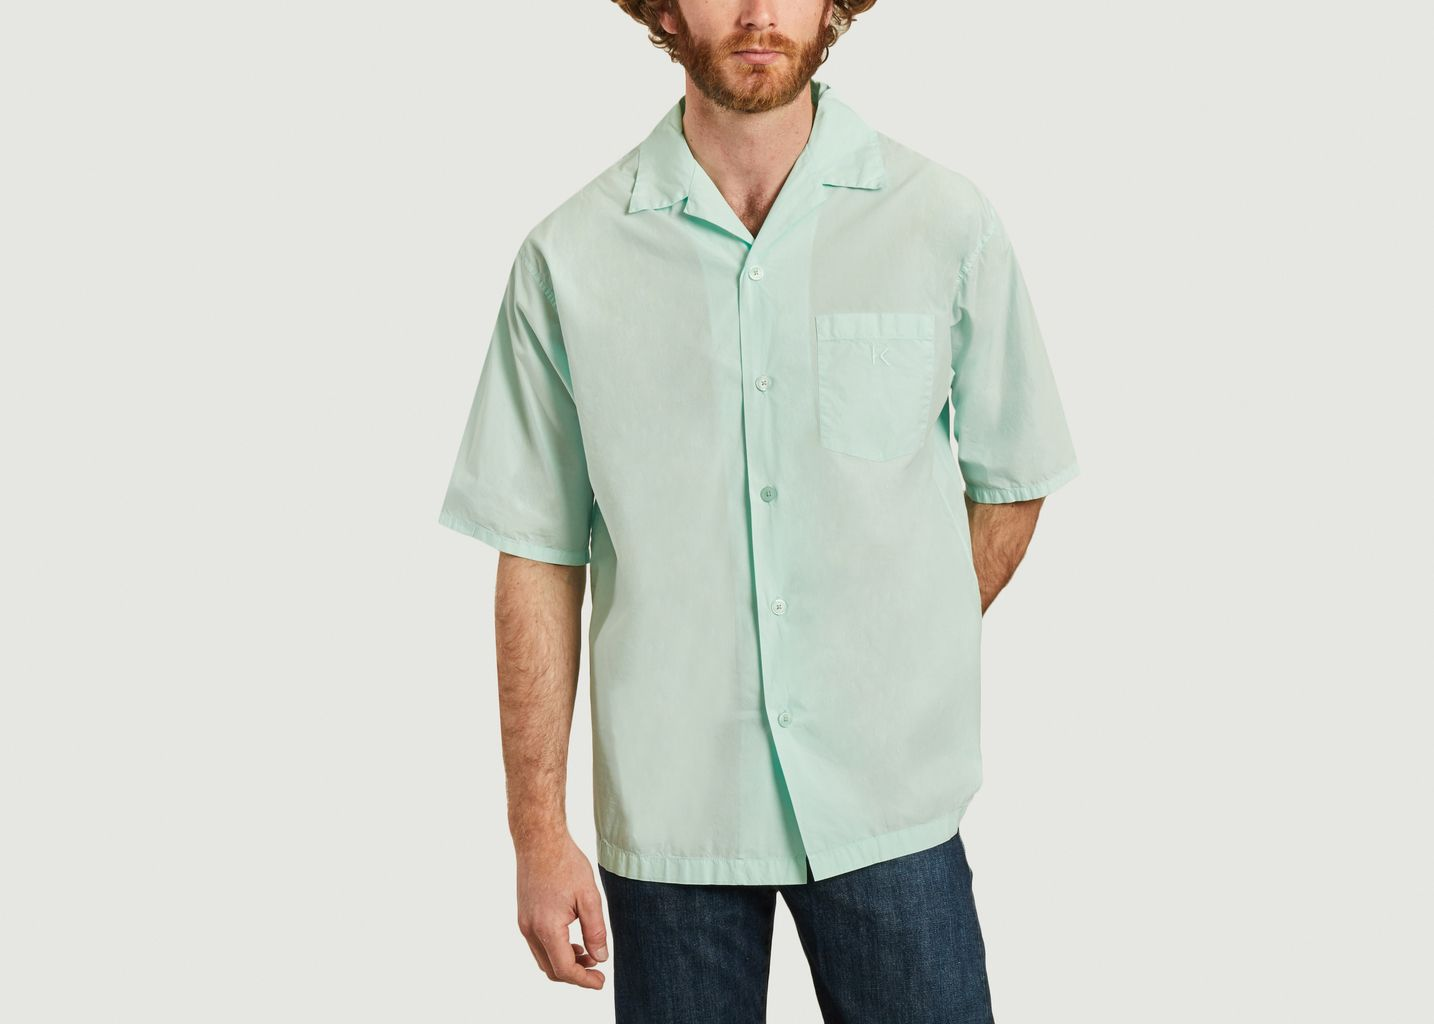 Chemise manches courtes casual avec poche siglée - Kenzo